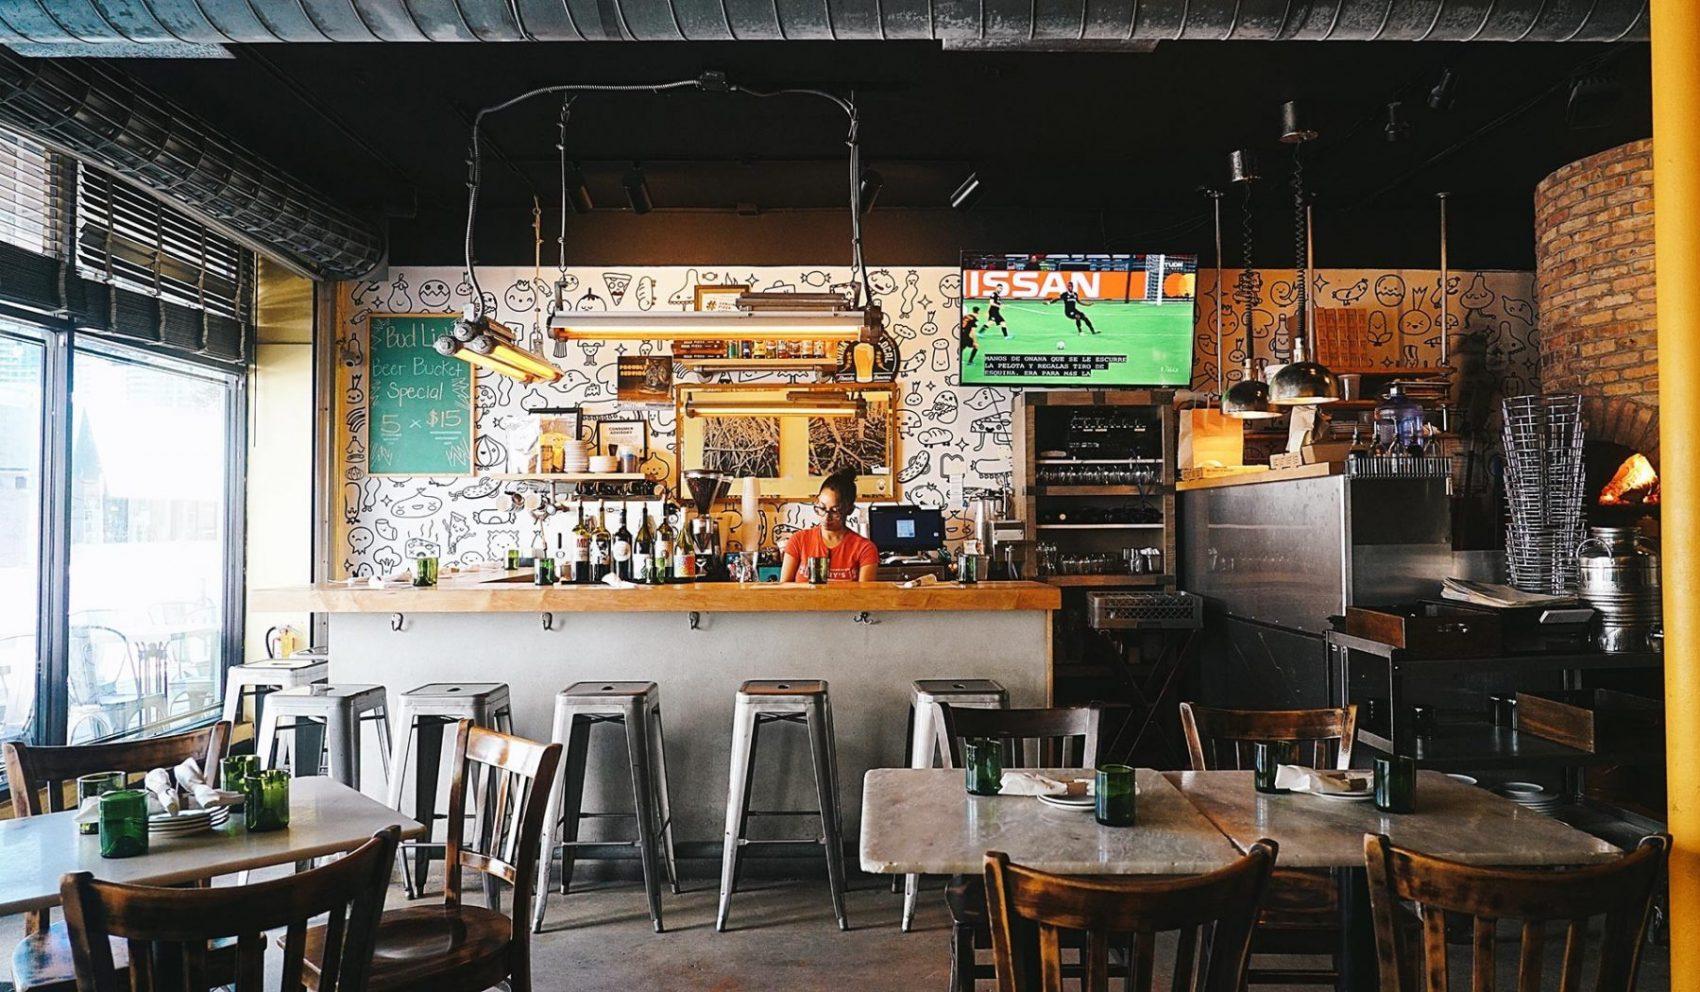 design district harry's pizzeria ou manger a design district pizza au feu de bois que faire dans le design district guide des quartiers de miami que faire a miami visites guidées de miami en francais blog miami off road